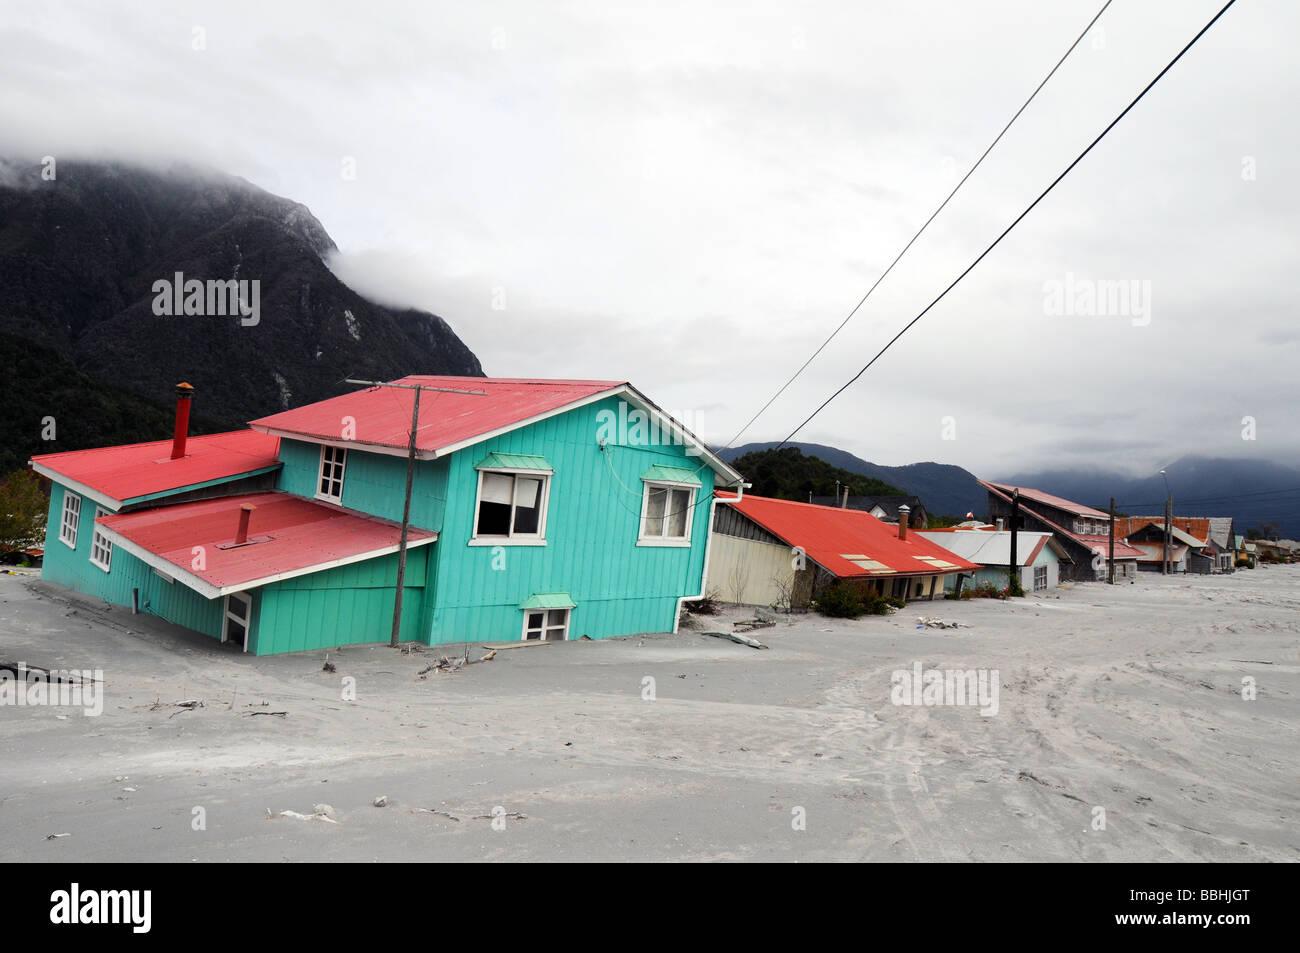 Entra en erupción el volcán de La Palma Las-casas-destruidas-en-chaiten-despues-de-la-erupcion-volcanica-bbhjgt